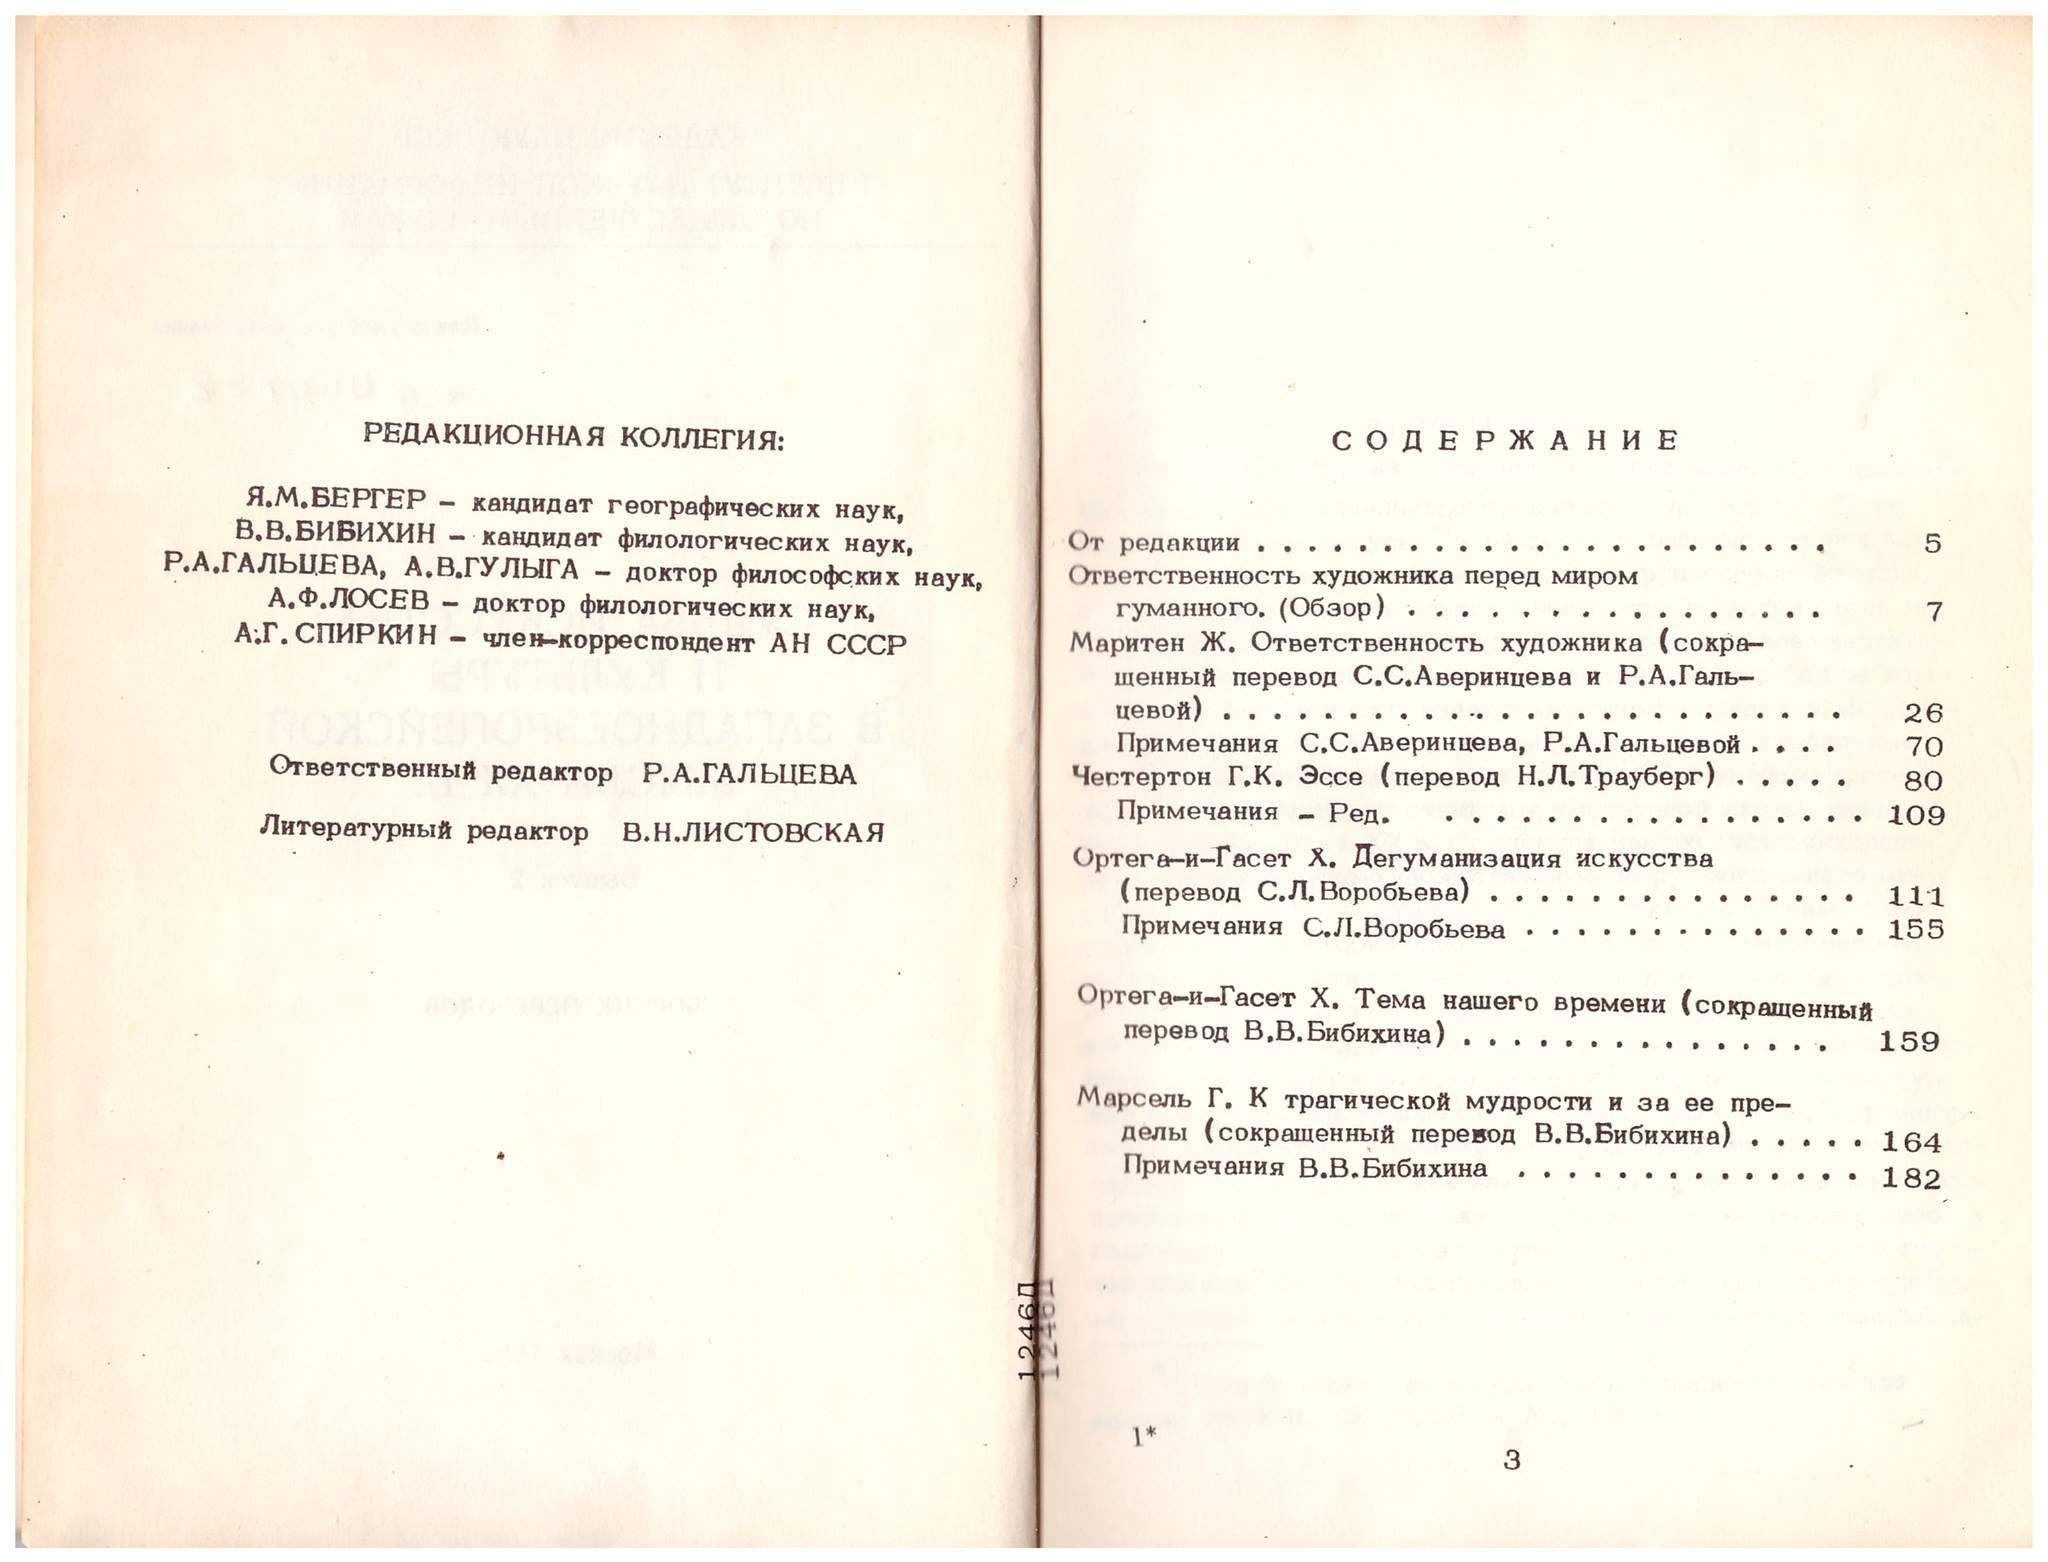 Судьба искусства и культуры в западноевропейской мысли XX века. Сборник ИНИОН